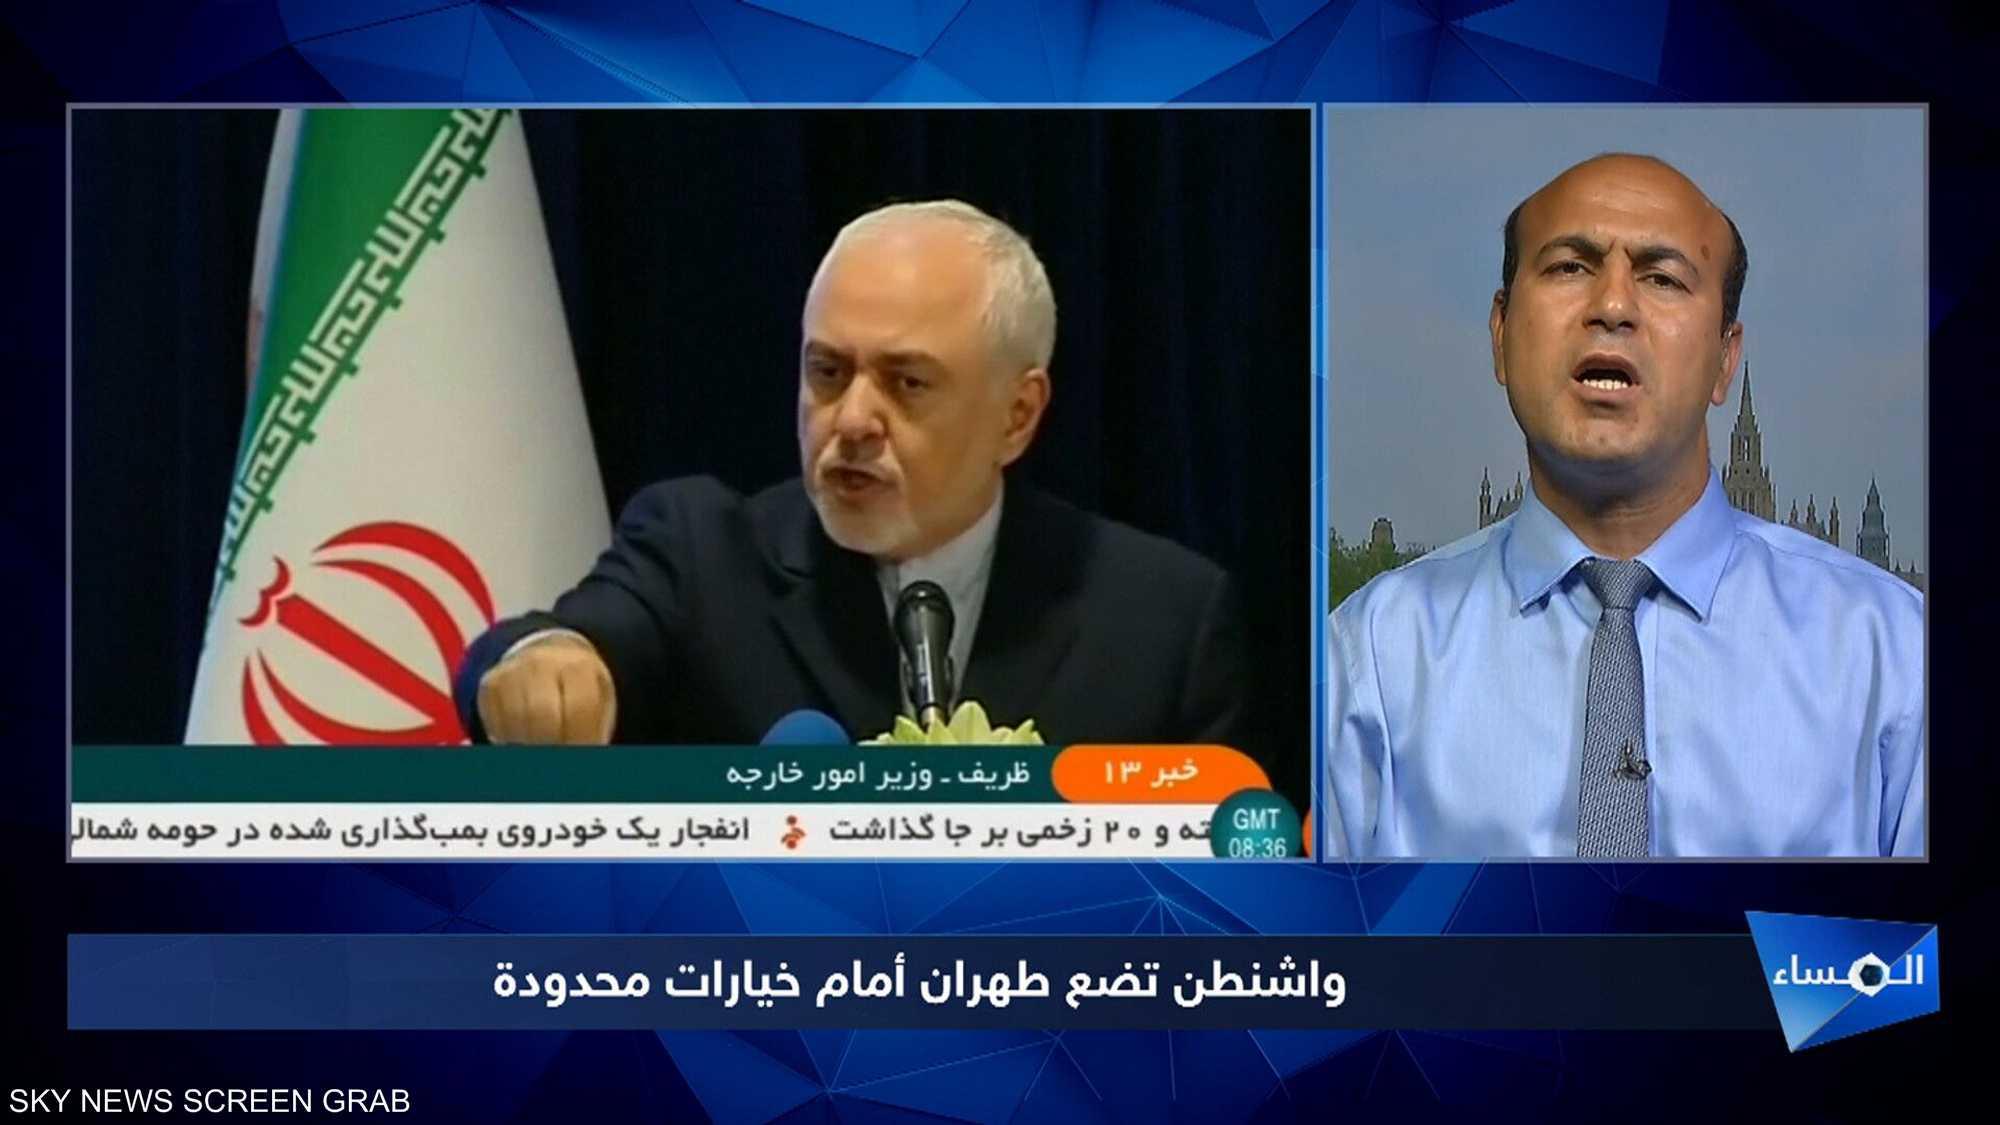 واشنطن تضع طهران أمام خيارات محدودة